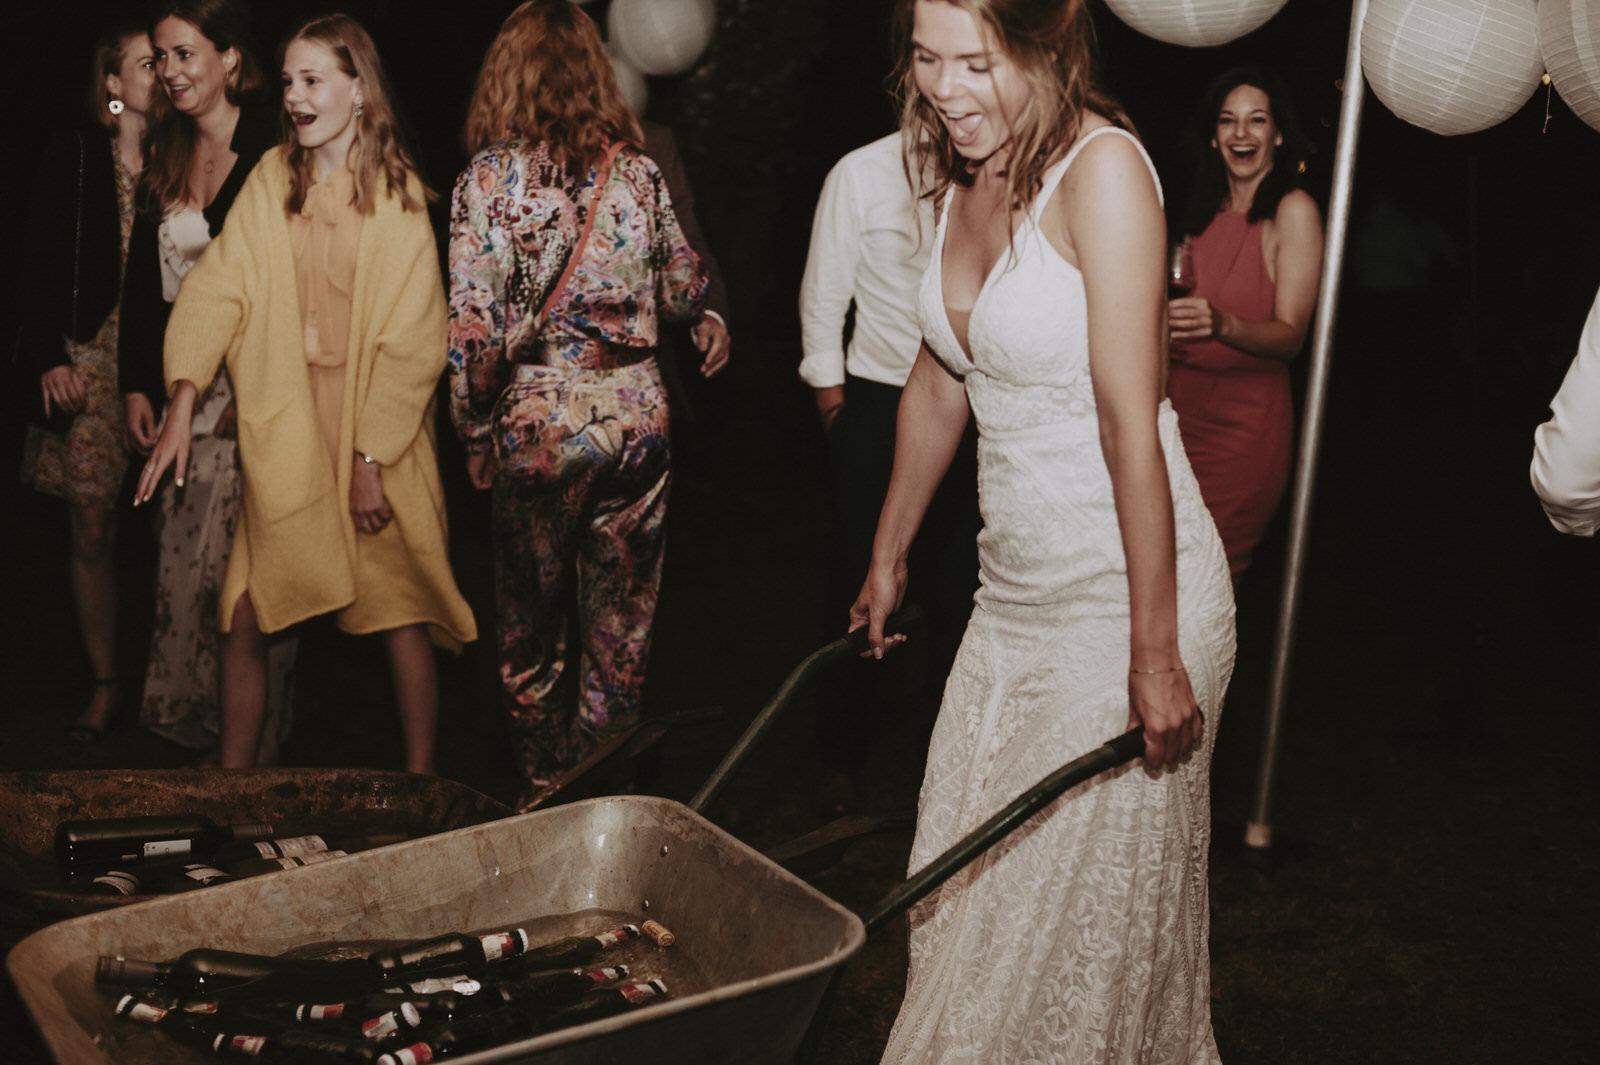 phototgraphe-mariage-dordogne